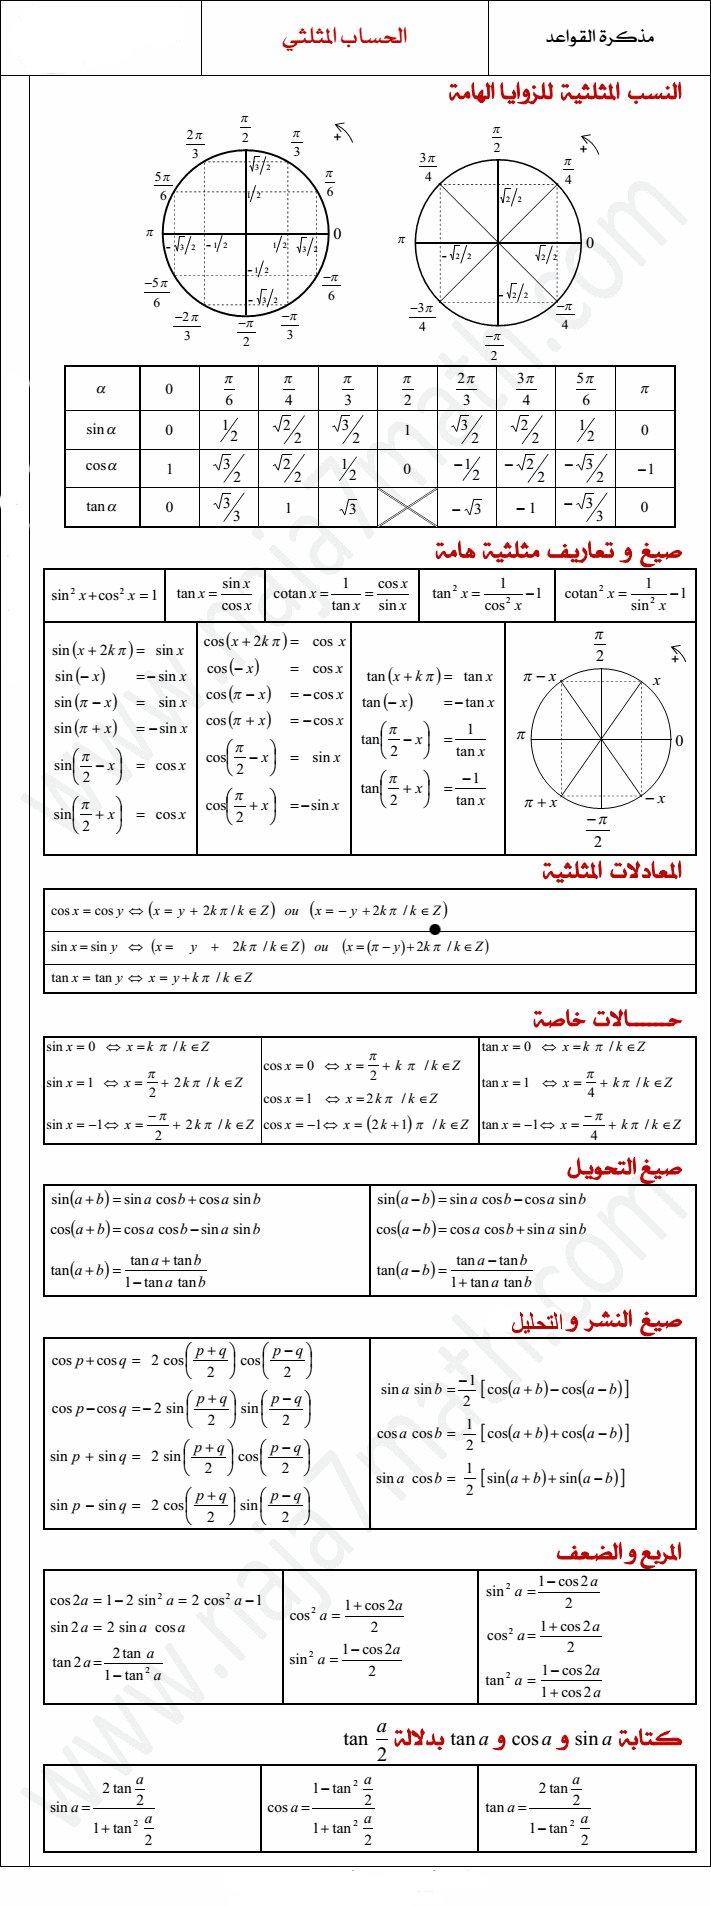 ملخص درس الحساب المثلثي Trigo_10